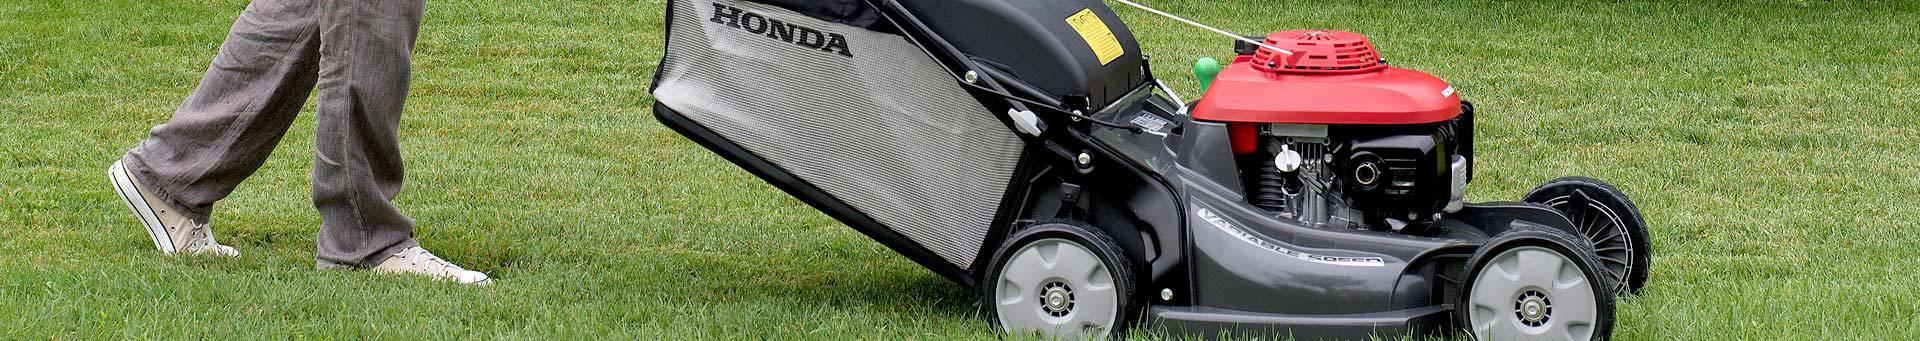 La nouvelle gamme Honda